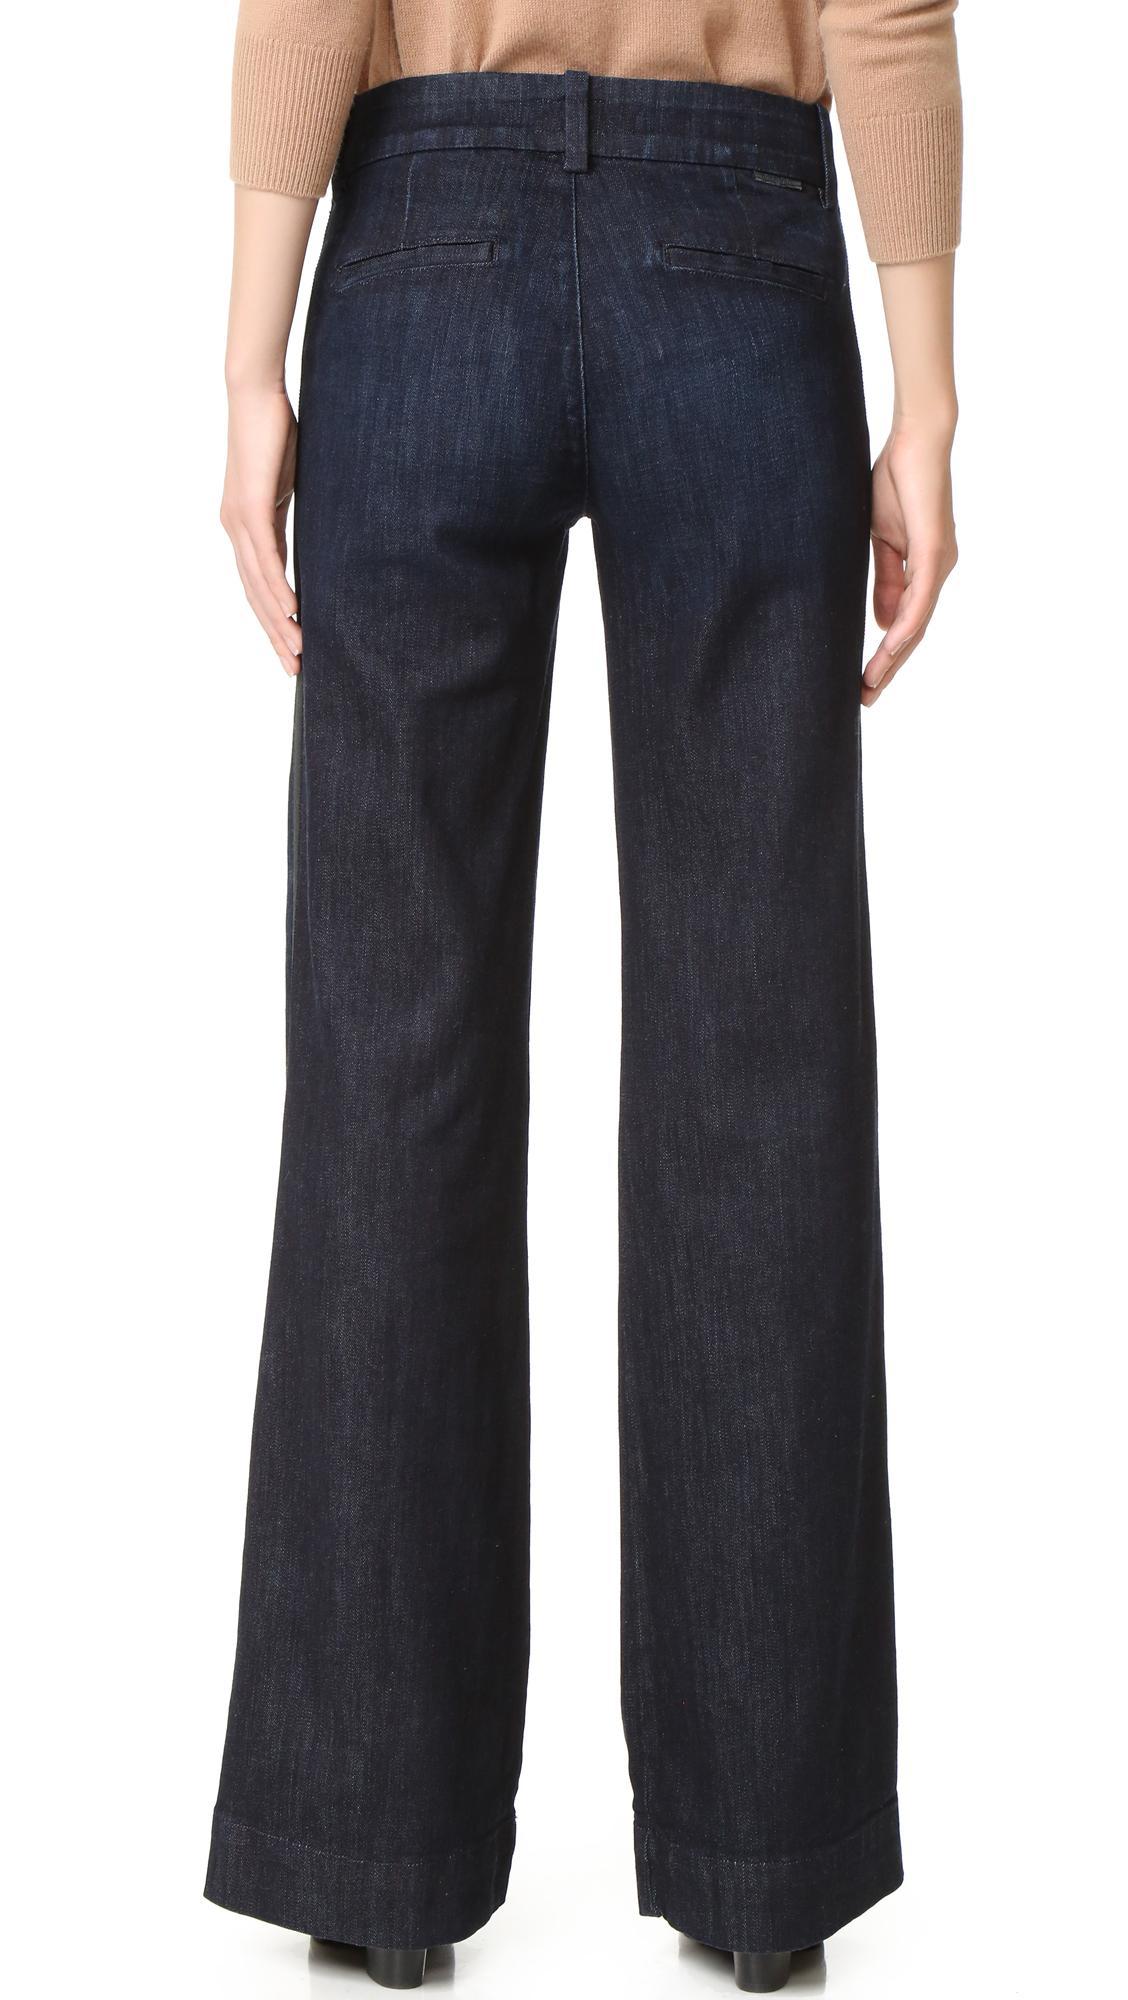 Gray Jeans Women